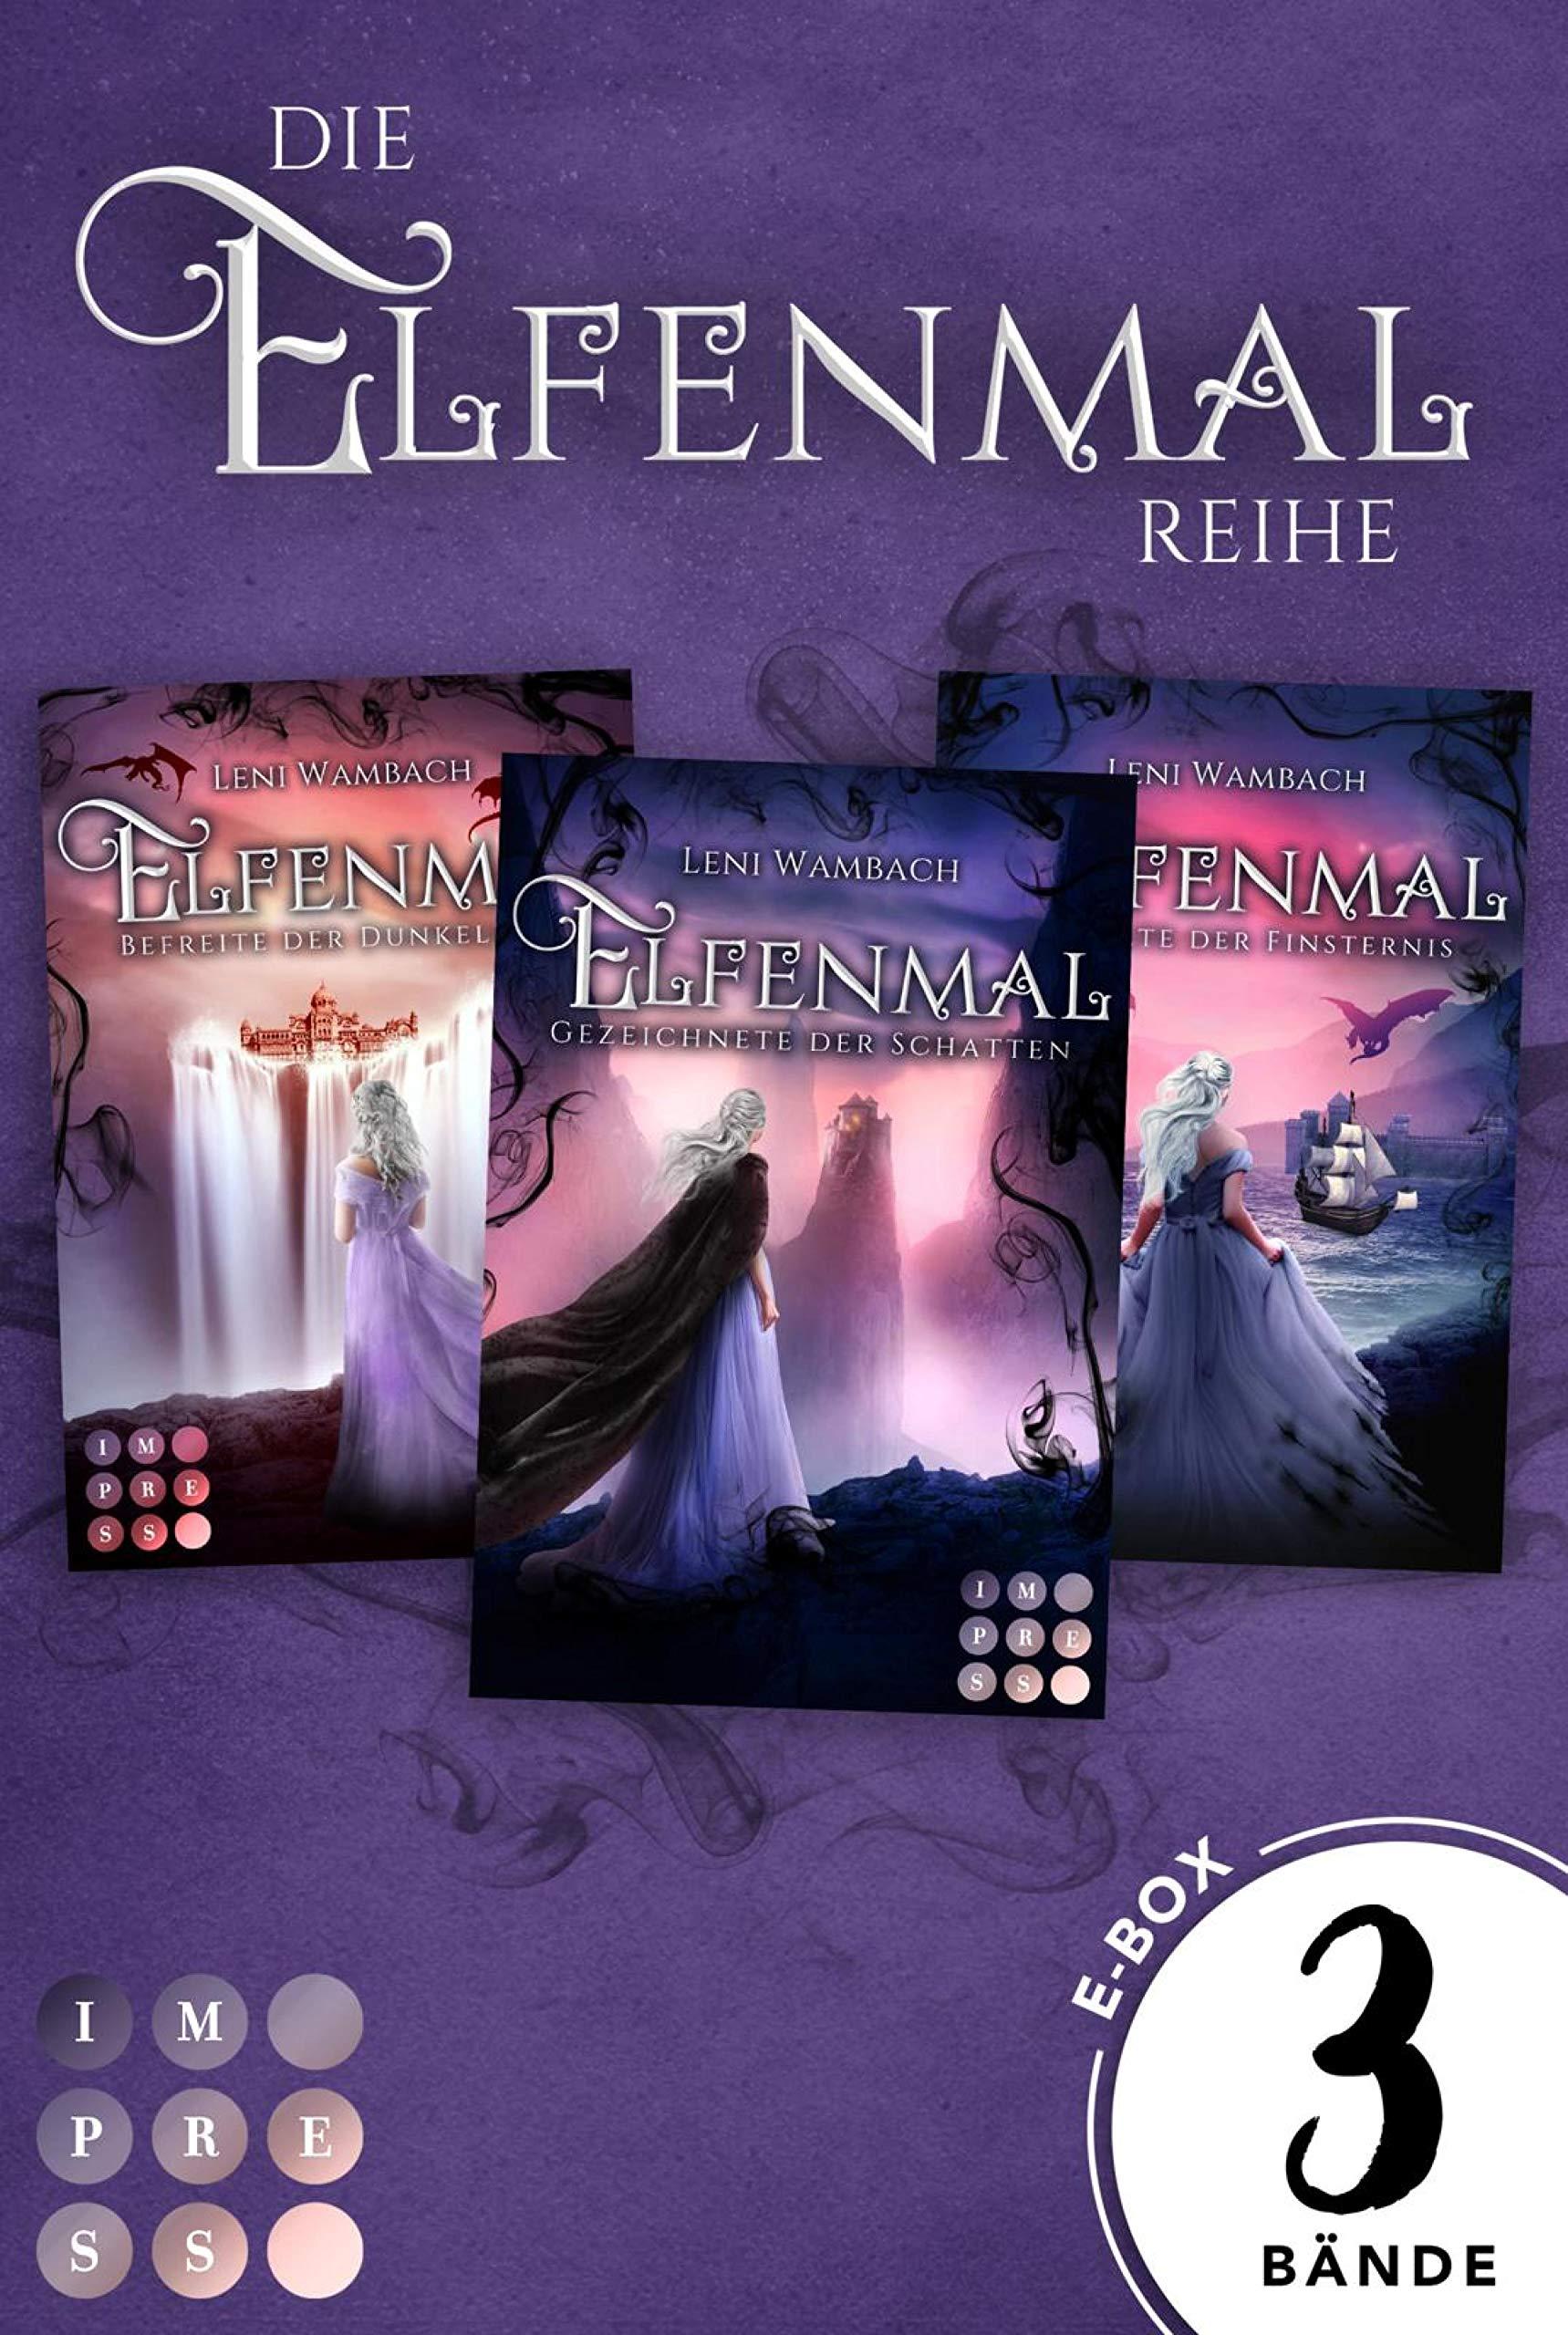 Elfenmal: Sammelband der romantisch-fantastischen »Elfenmal«-Reihe: High-Fantasy-Liebesroman, in dem Elfen und Drachen gemeinsam das Königreich retten müssen